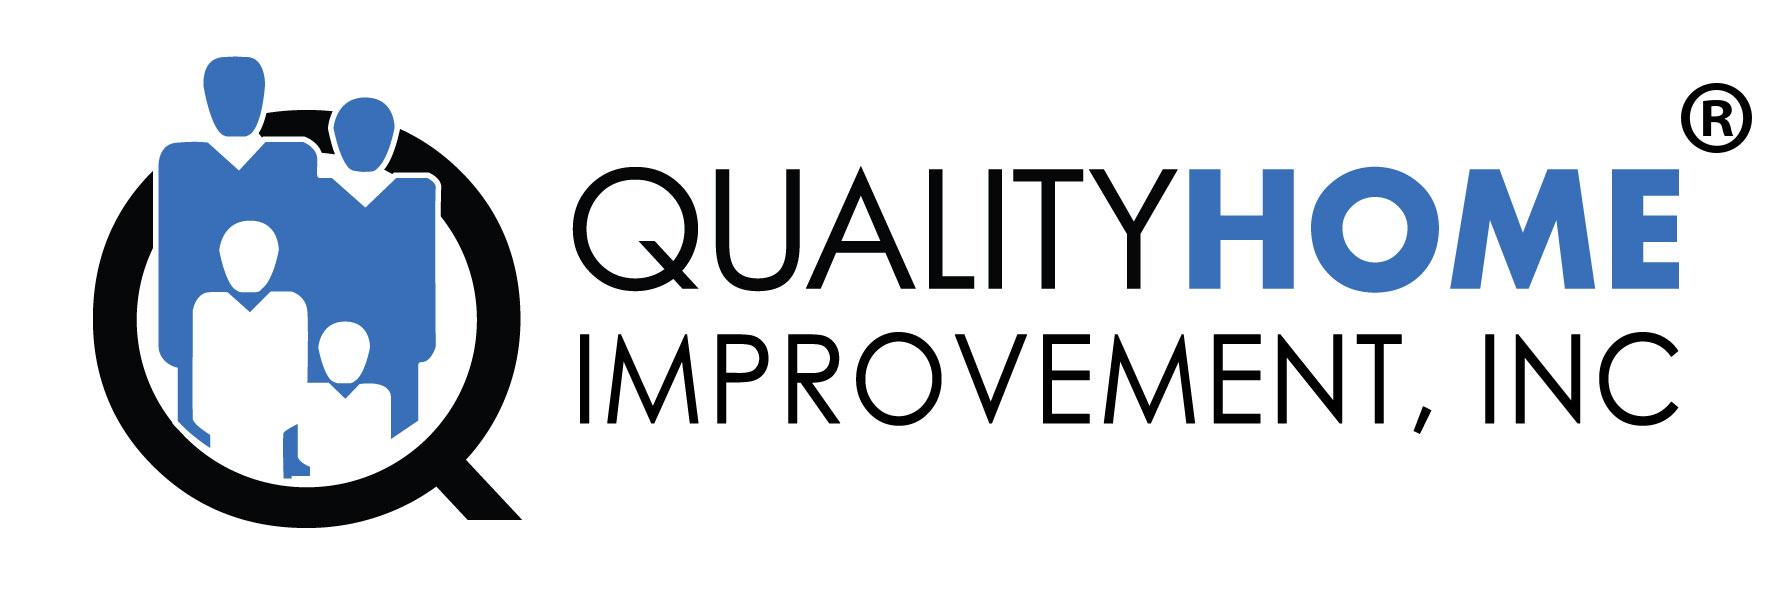 QHI_logo-without-slogan-or-url.jpg